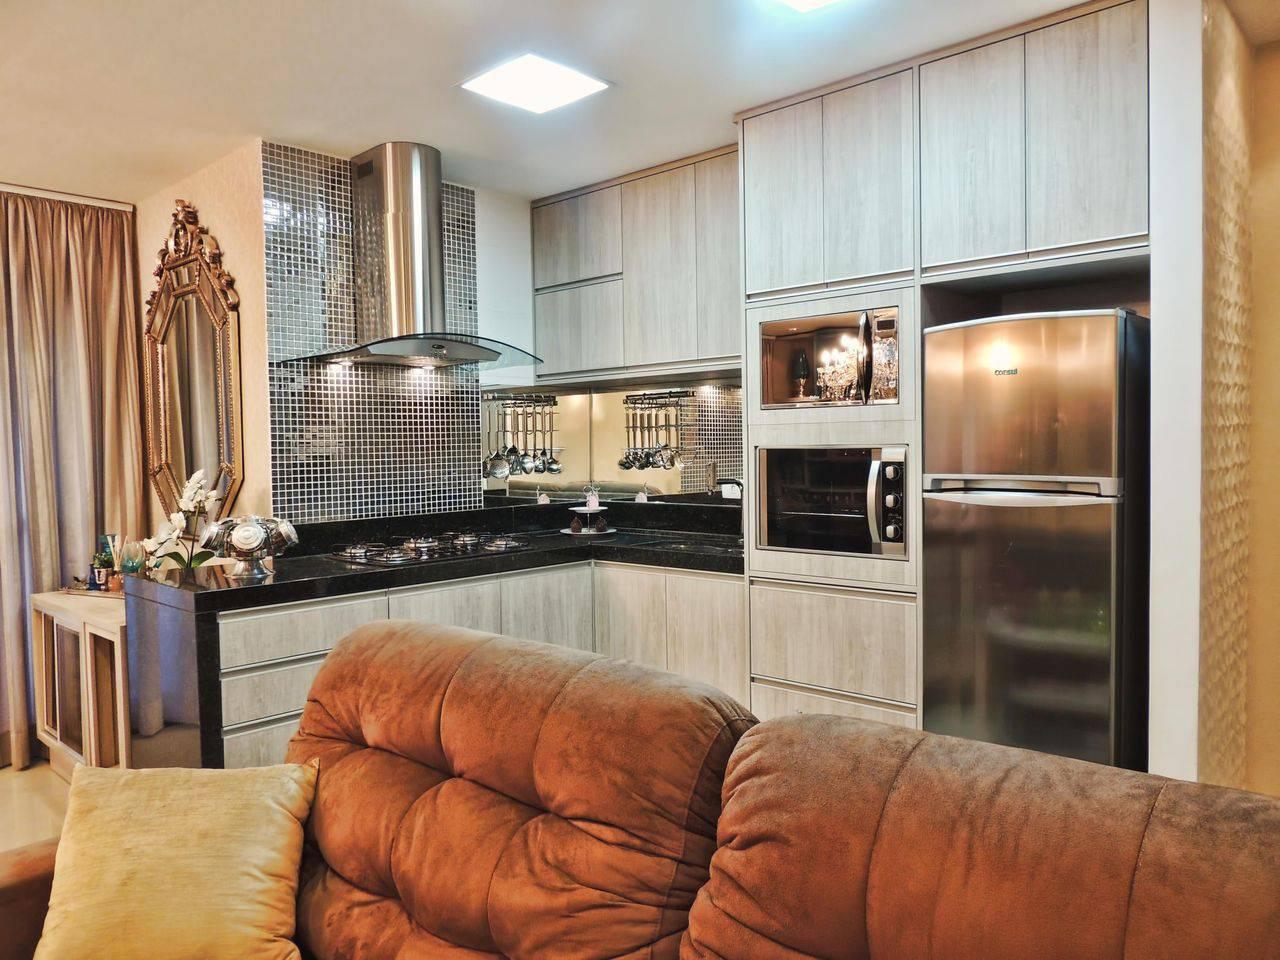 Cozinhas Planejadas para Apartamentos Pequenos caroline yasmin goncalves 58686